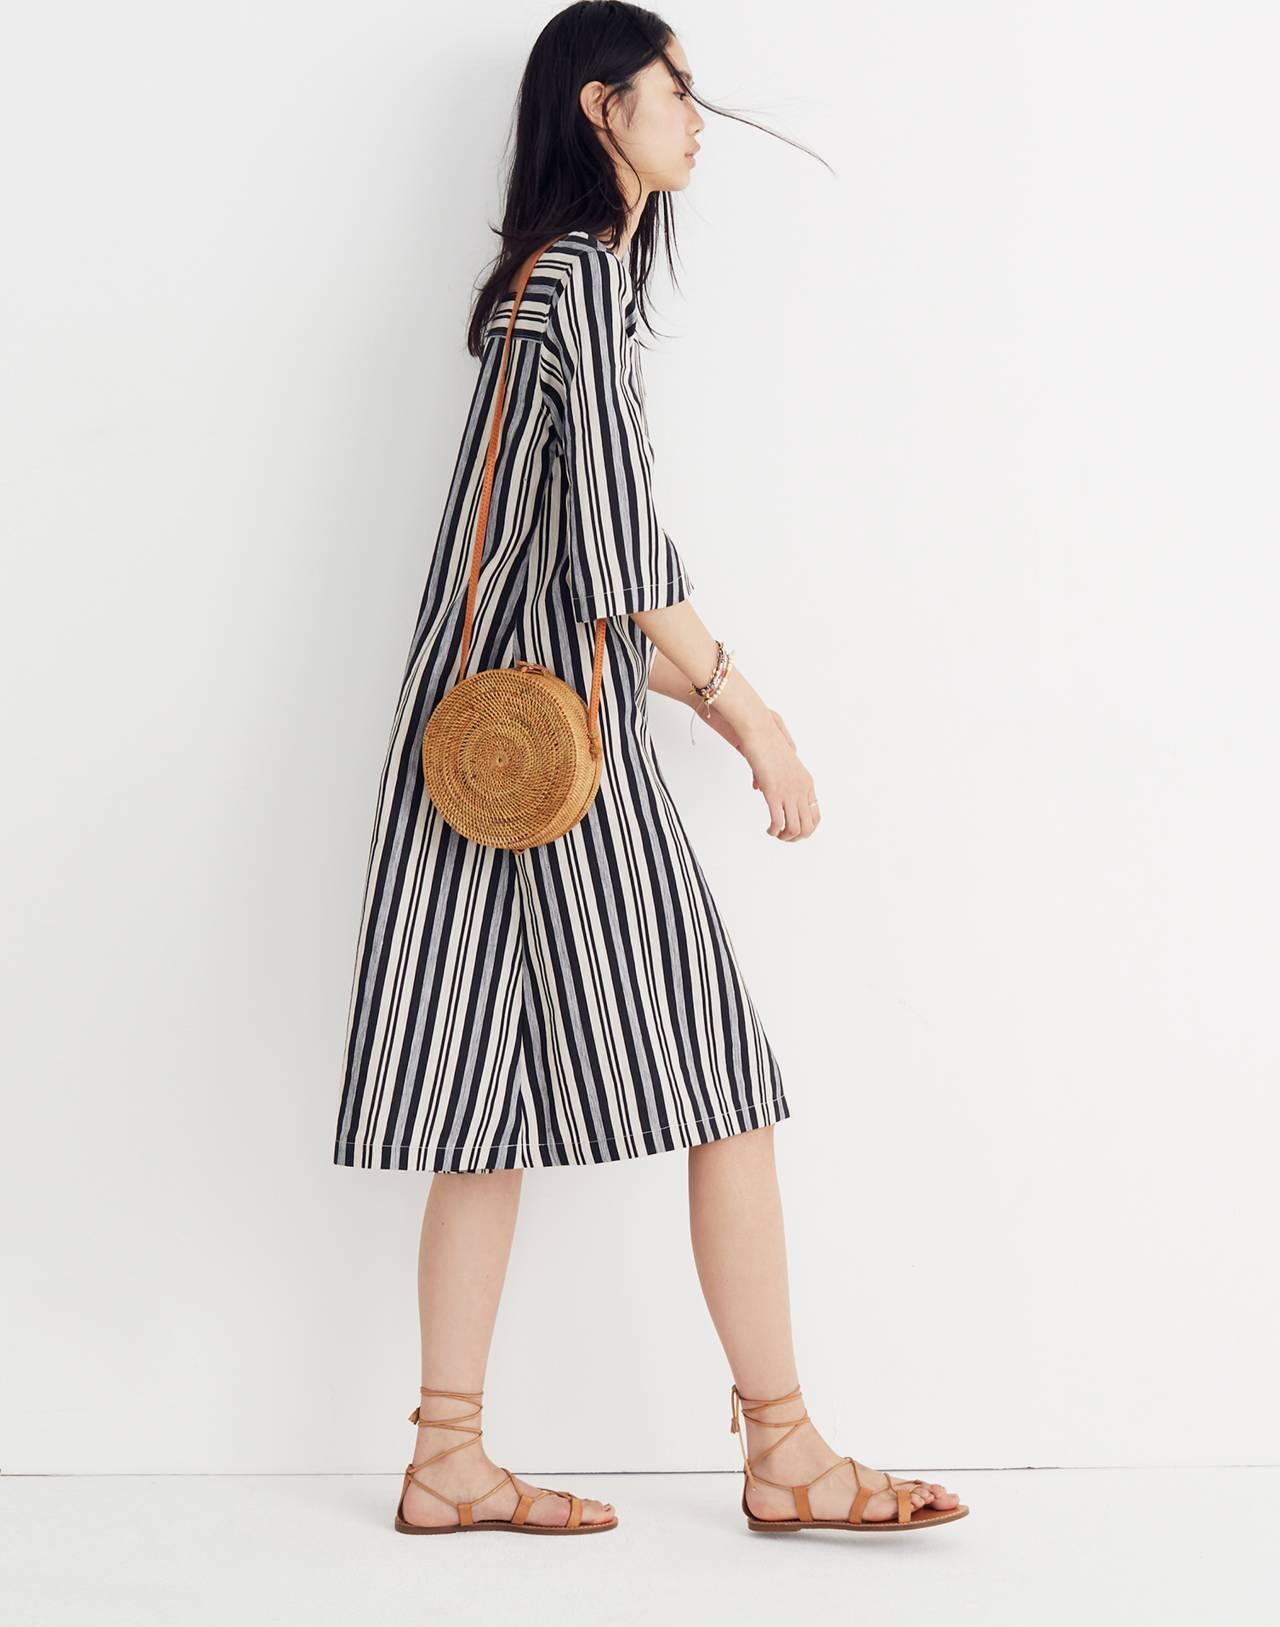 Square-Neck Midi Dress in Evelyn Stripe in boardwalk stripe stone image 3